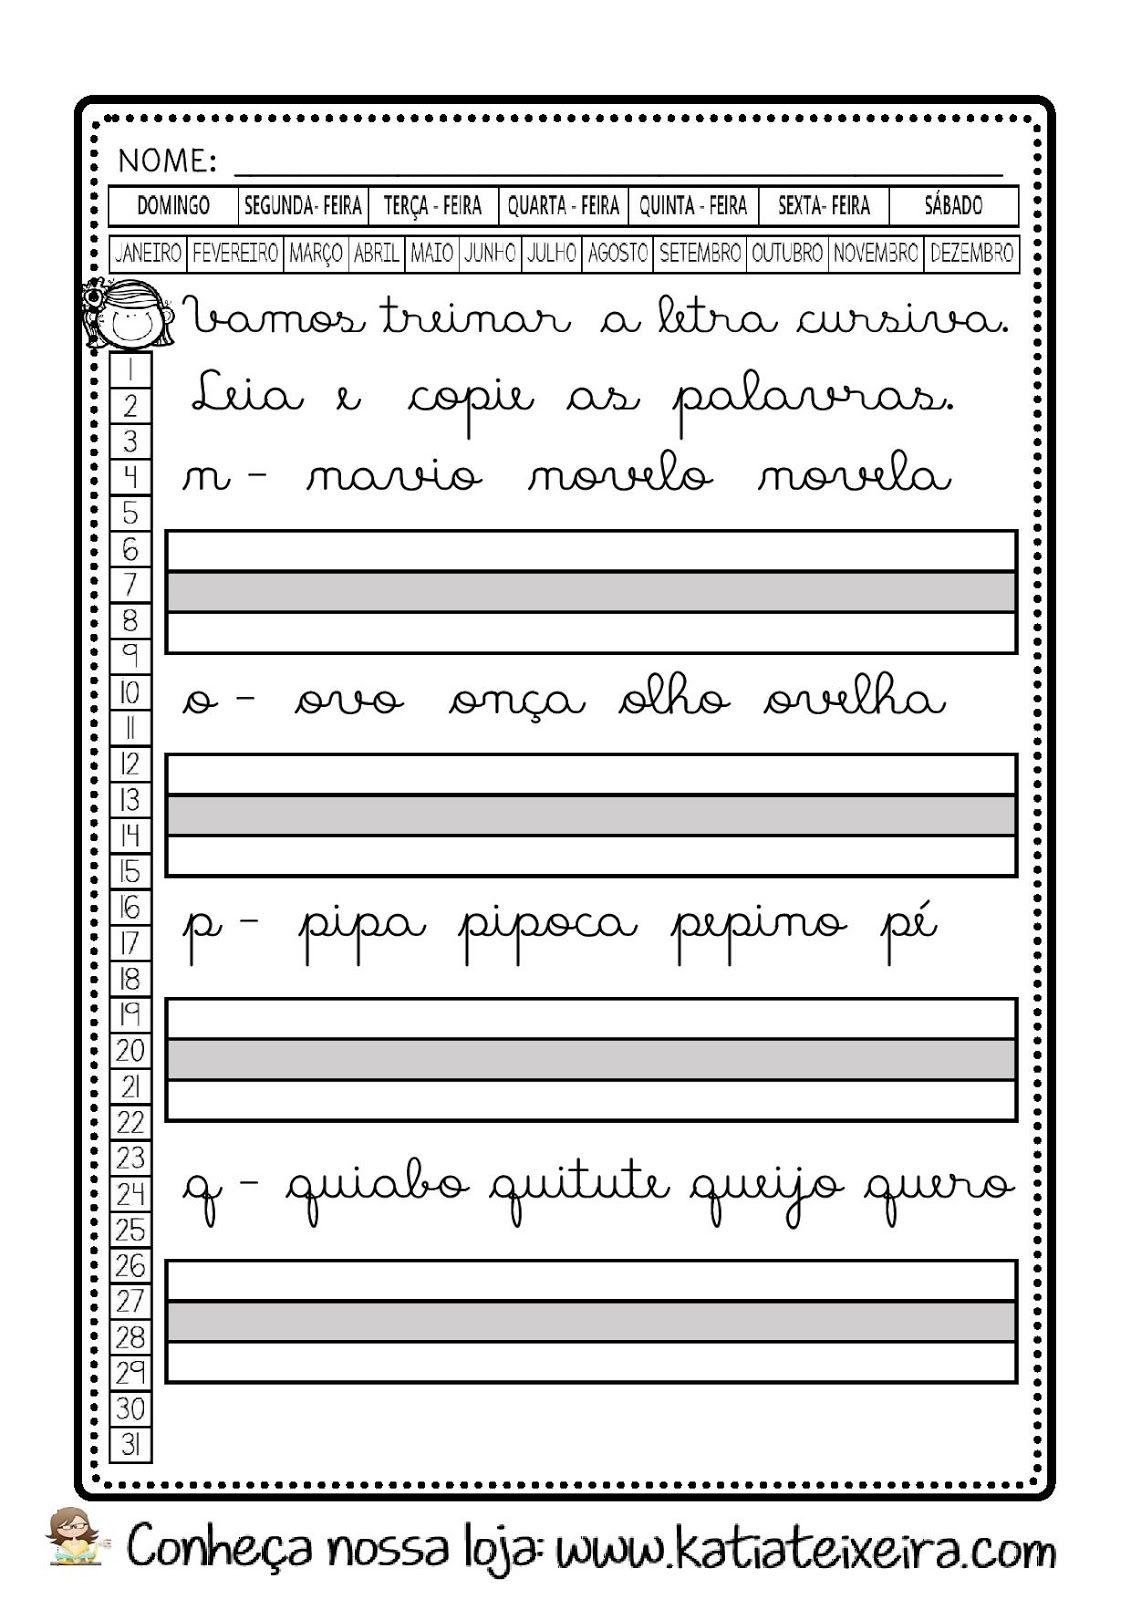 Caderno De Caligrafia Gratis Letras E Palavras Em Pdf Espaco